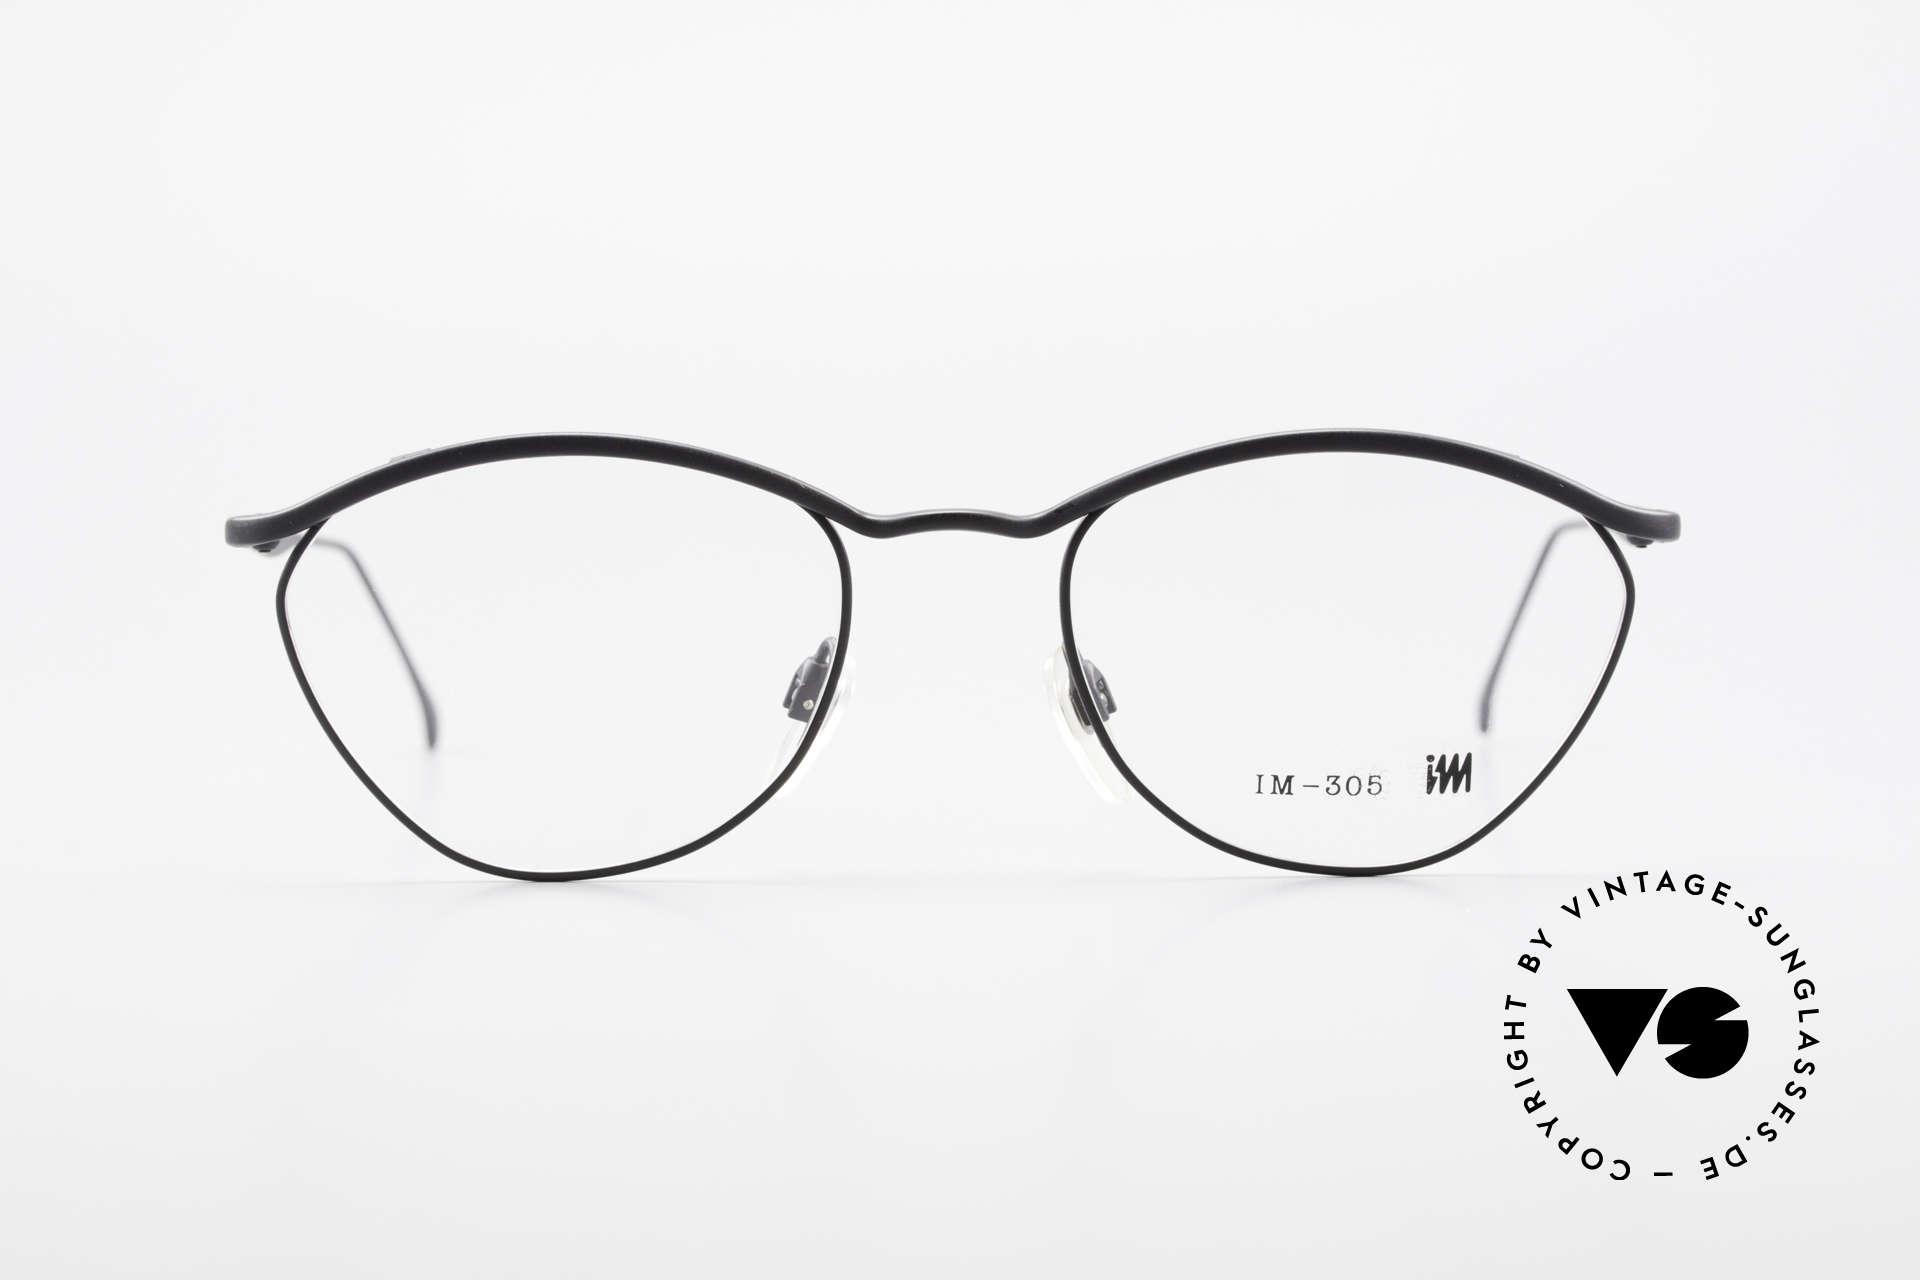 Miyake Design Studio IM305 90er Insider Brille All Titan, eine echte INSIDER-Brille ohne großes Branding, Passend für Herren und Damen